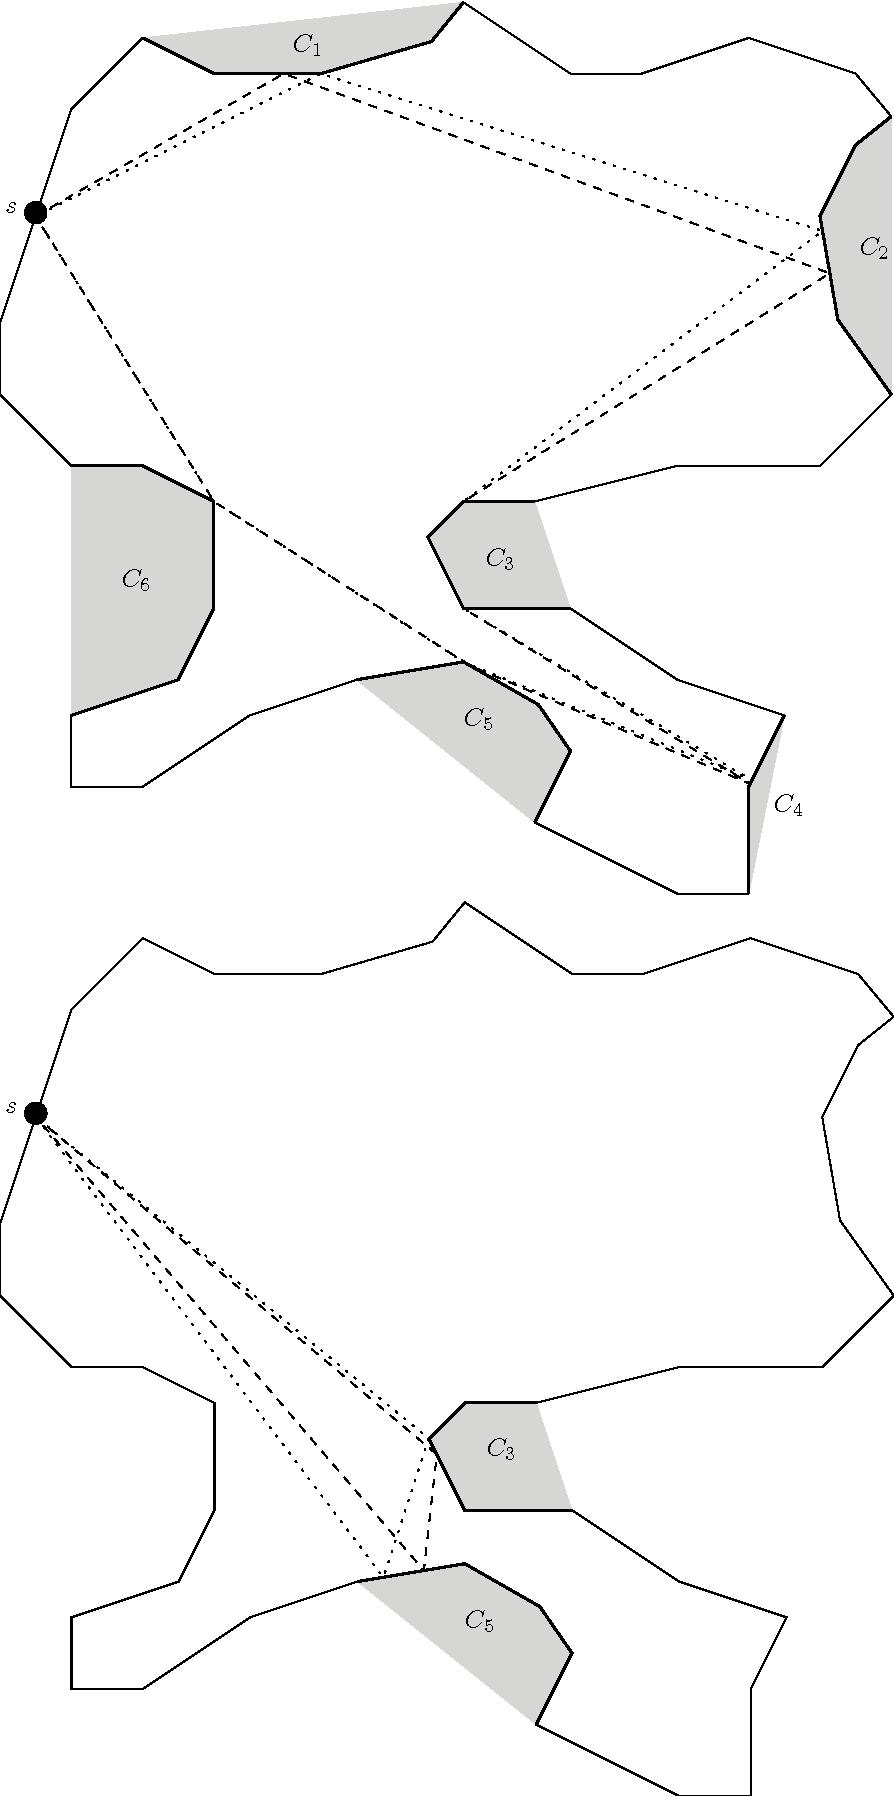 Figure 16: Zoo 7